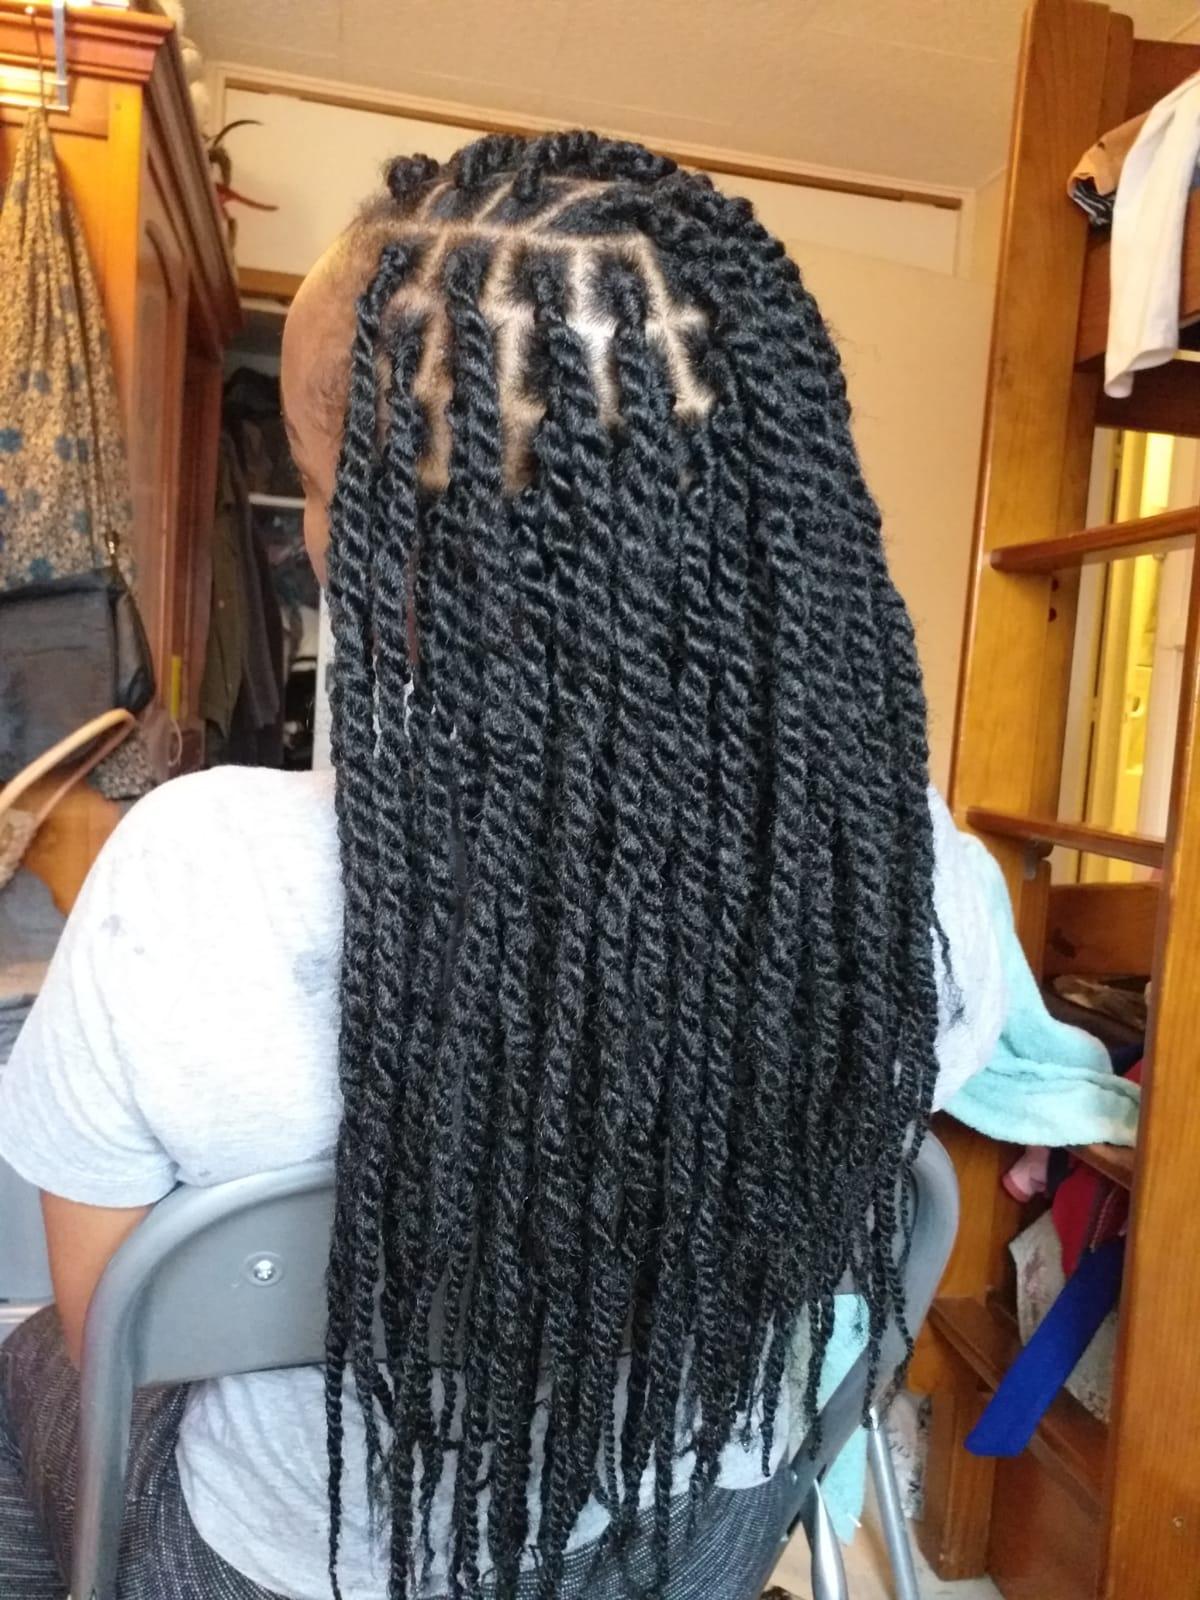 salon de coiffure afro tresse tresses box braids crochet braids vanilles tissages paris 75 77 78 91 92 93 94 95 BJVREQFI